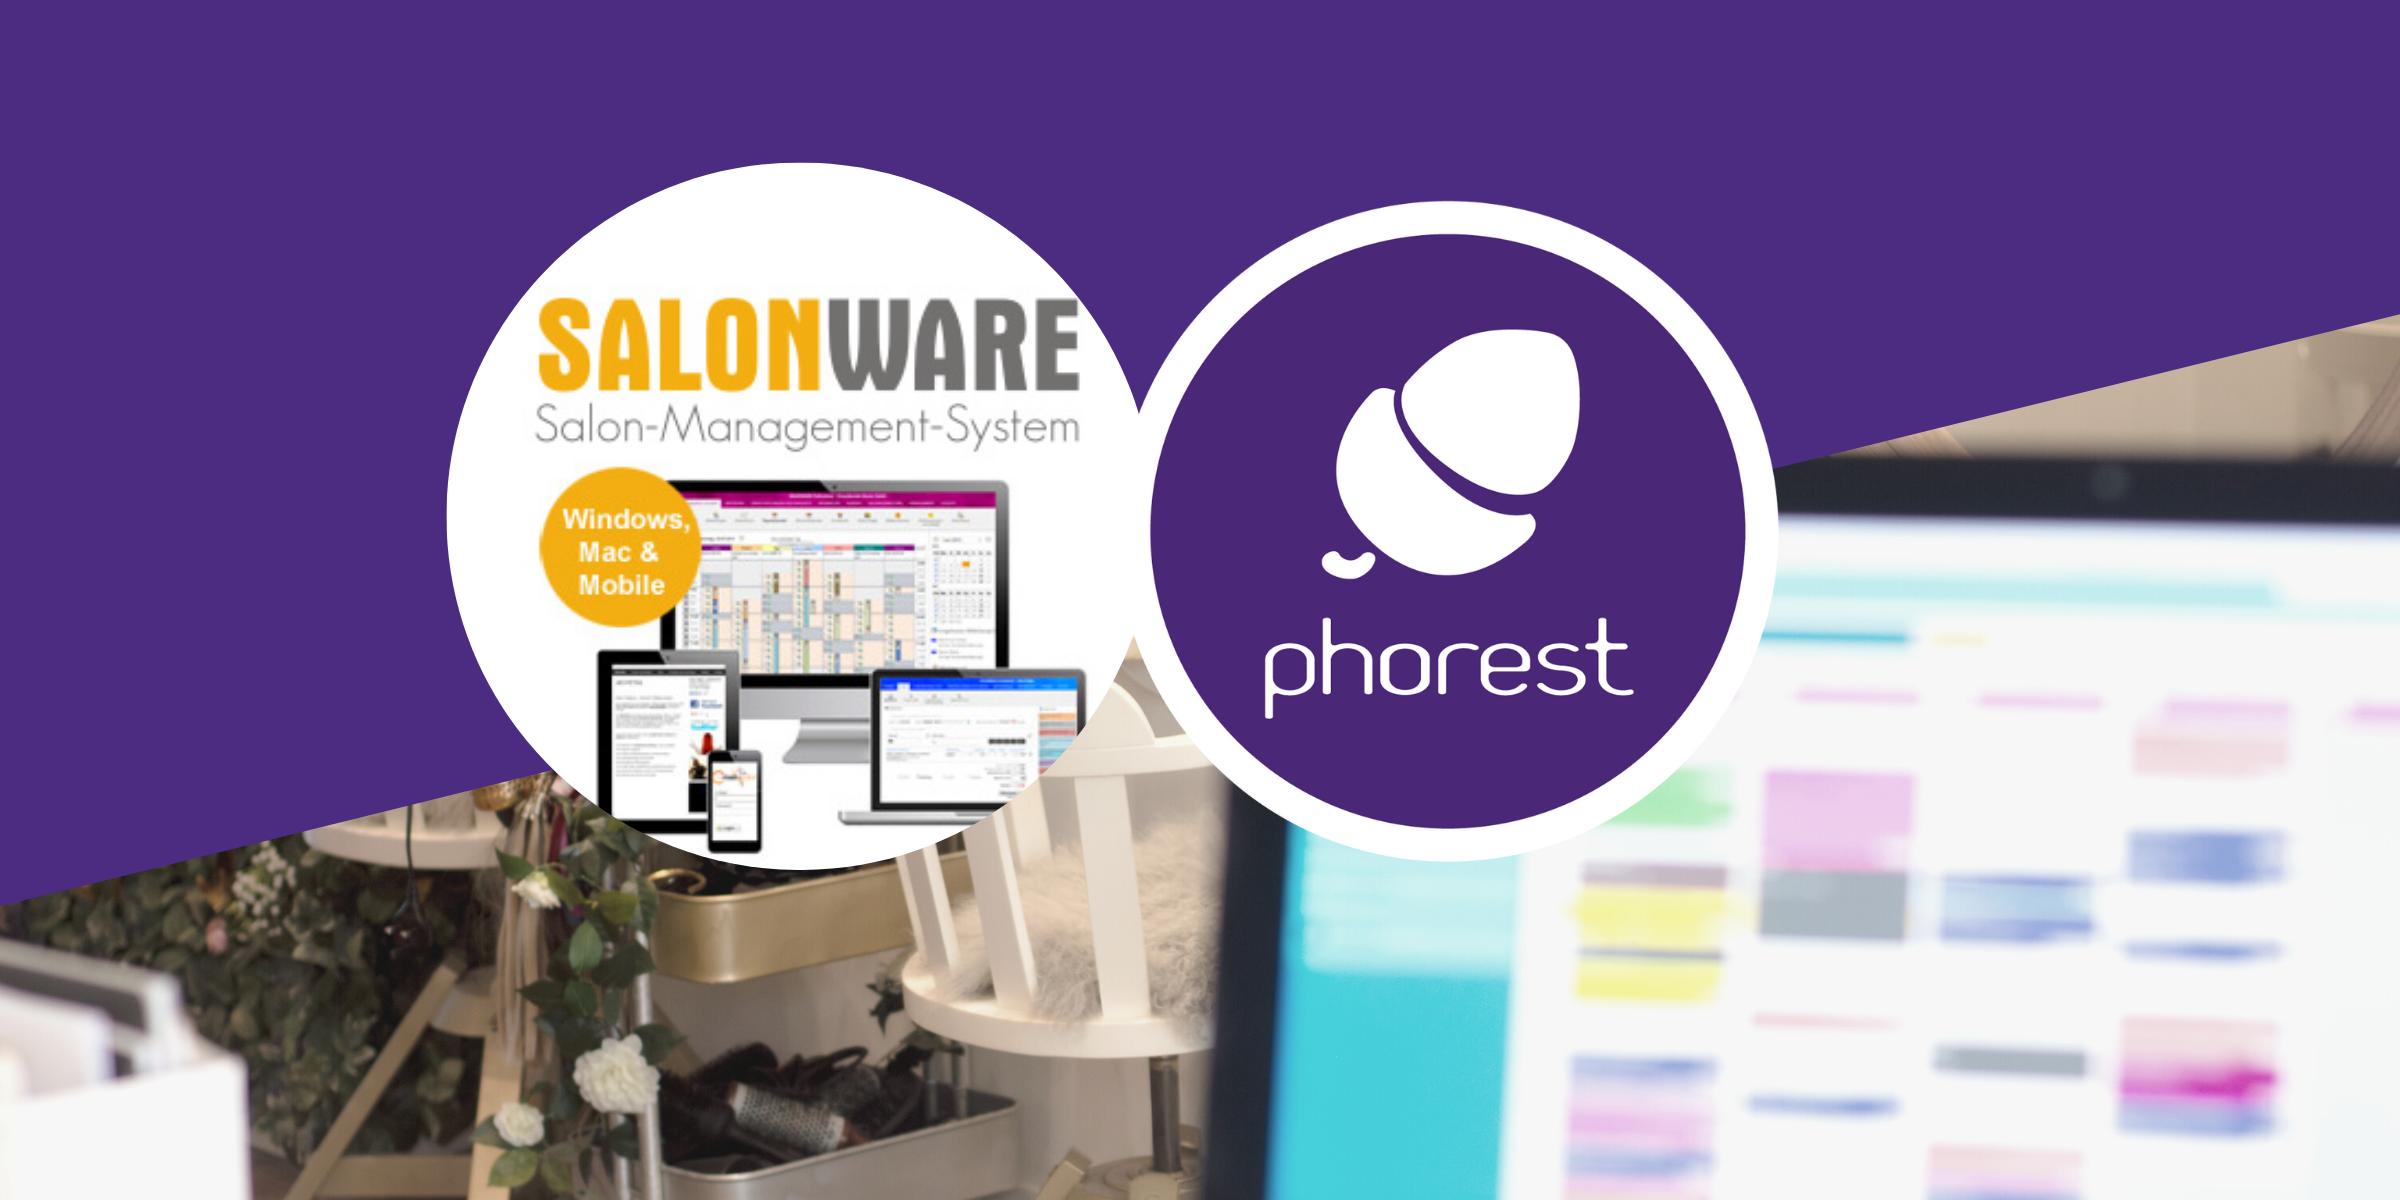 Pressemitteilung: Phorest Salonsoftware, die offizielle Empfehlung von und für SALONWARE Kunden